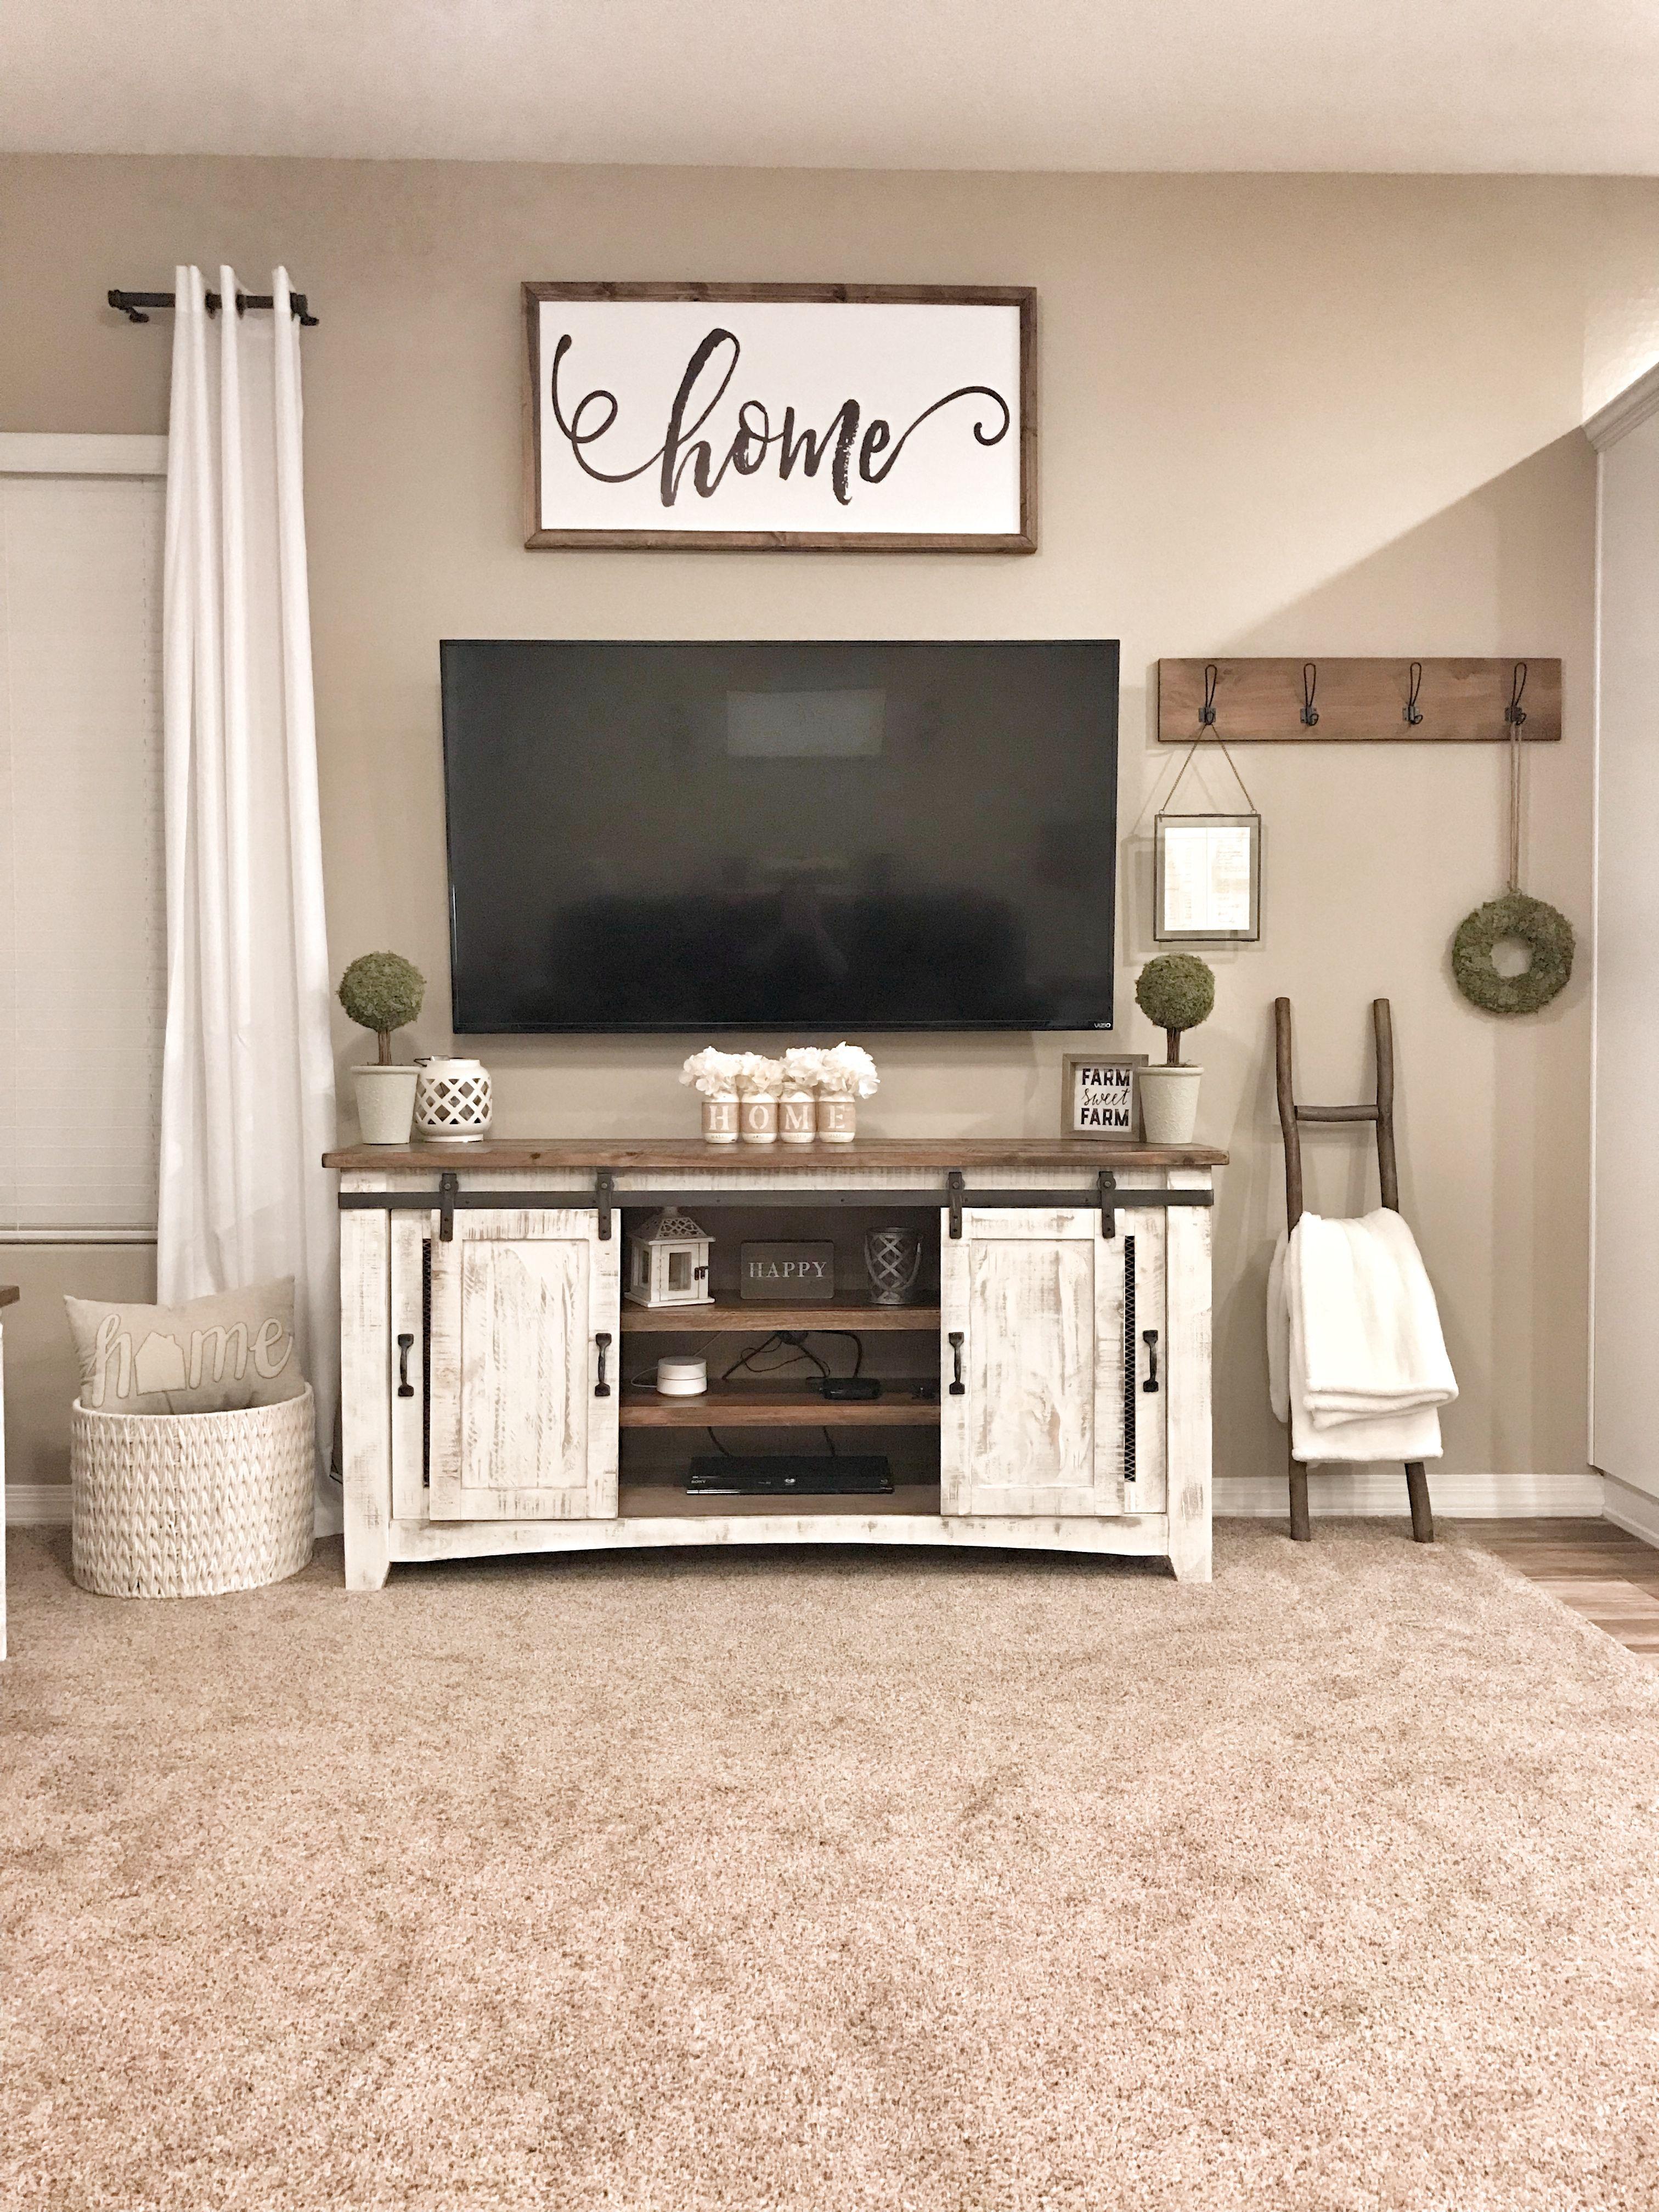 Farmhouse tv stand decor | deko | Pinterest | Wohnzimmer ...